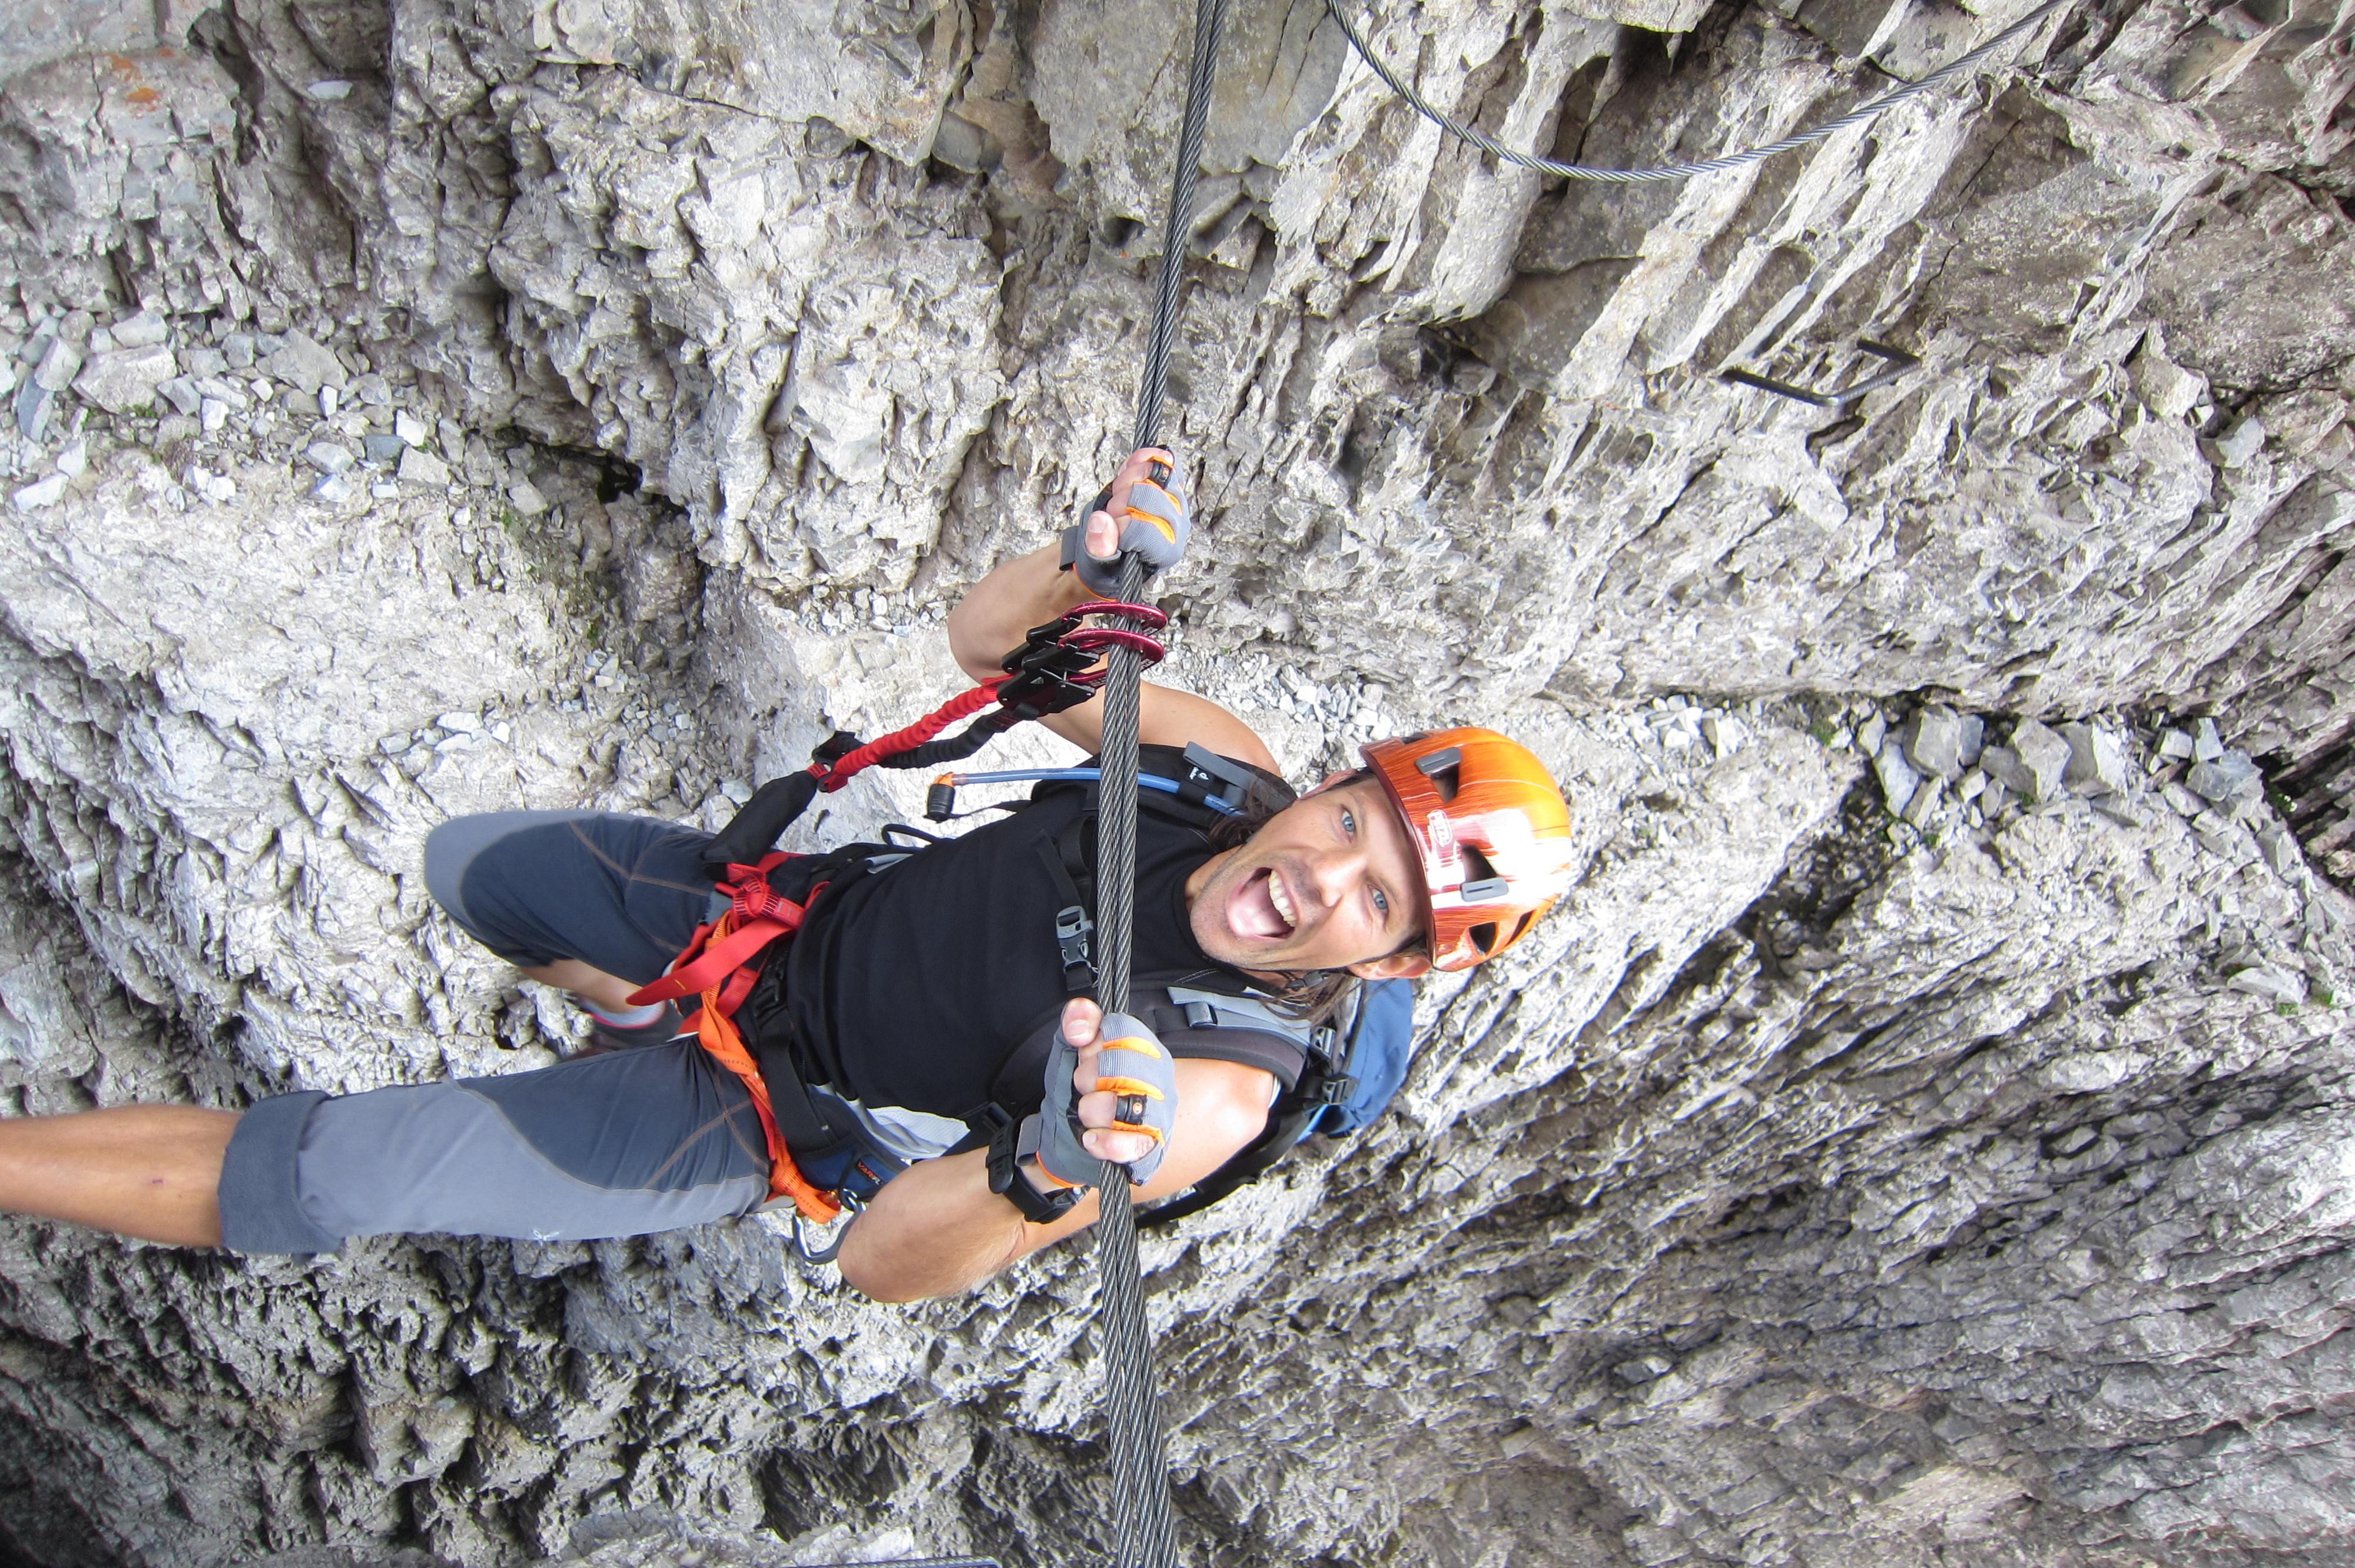 Klettersteig Outfit : Klettersteig outfit check der geierwand c bergwelten